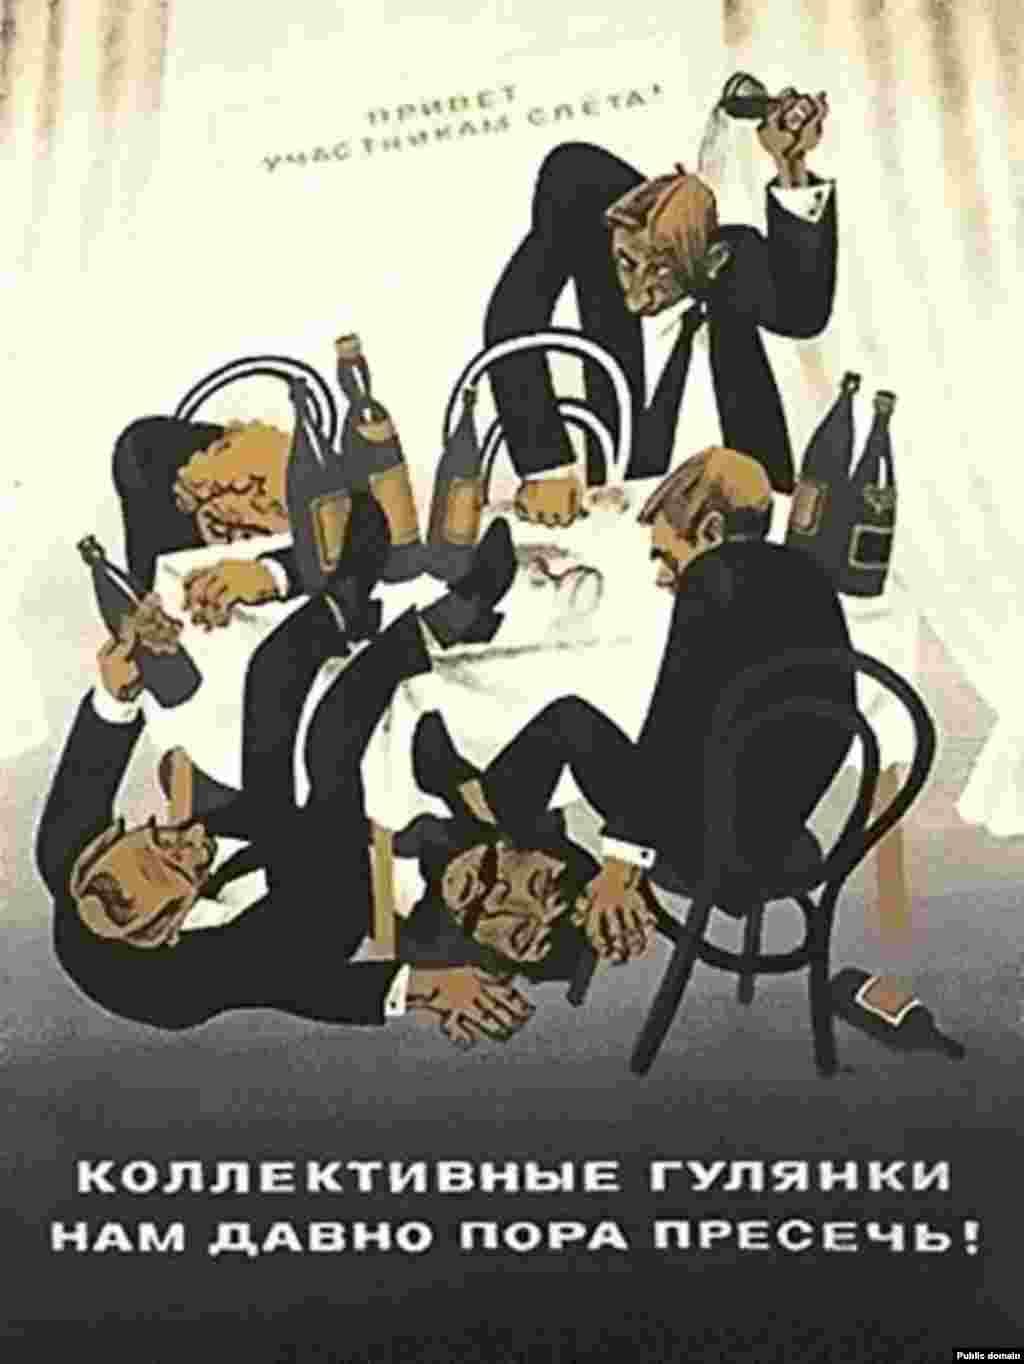 Антиалкогольна кампанія 1972 року співпала з планами скоротити виробництво міцних алкогольних напоїв, збільшивши при цьому виробництво безалкогольних напоїв, а також вина та пива. Наприкінці 1970-х років споживання алкоголю досягло найвищого рівня в історії СРСР